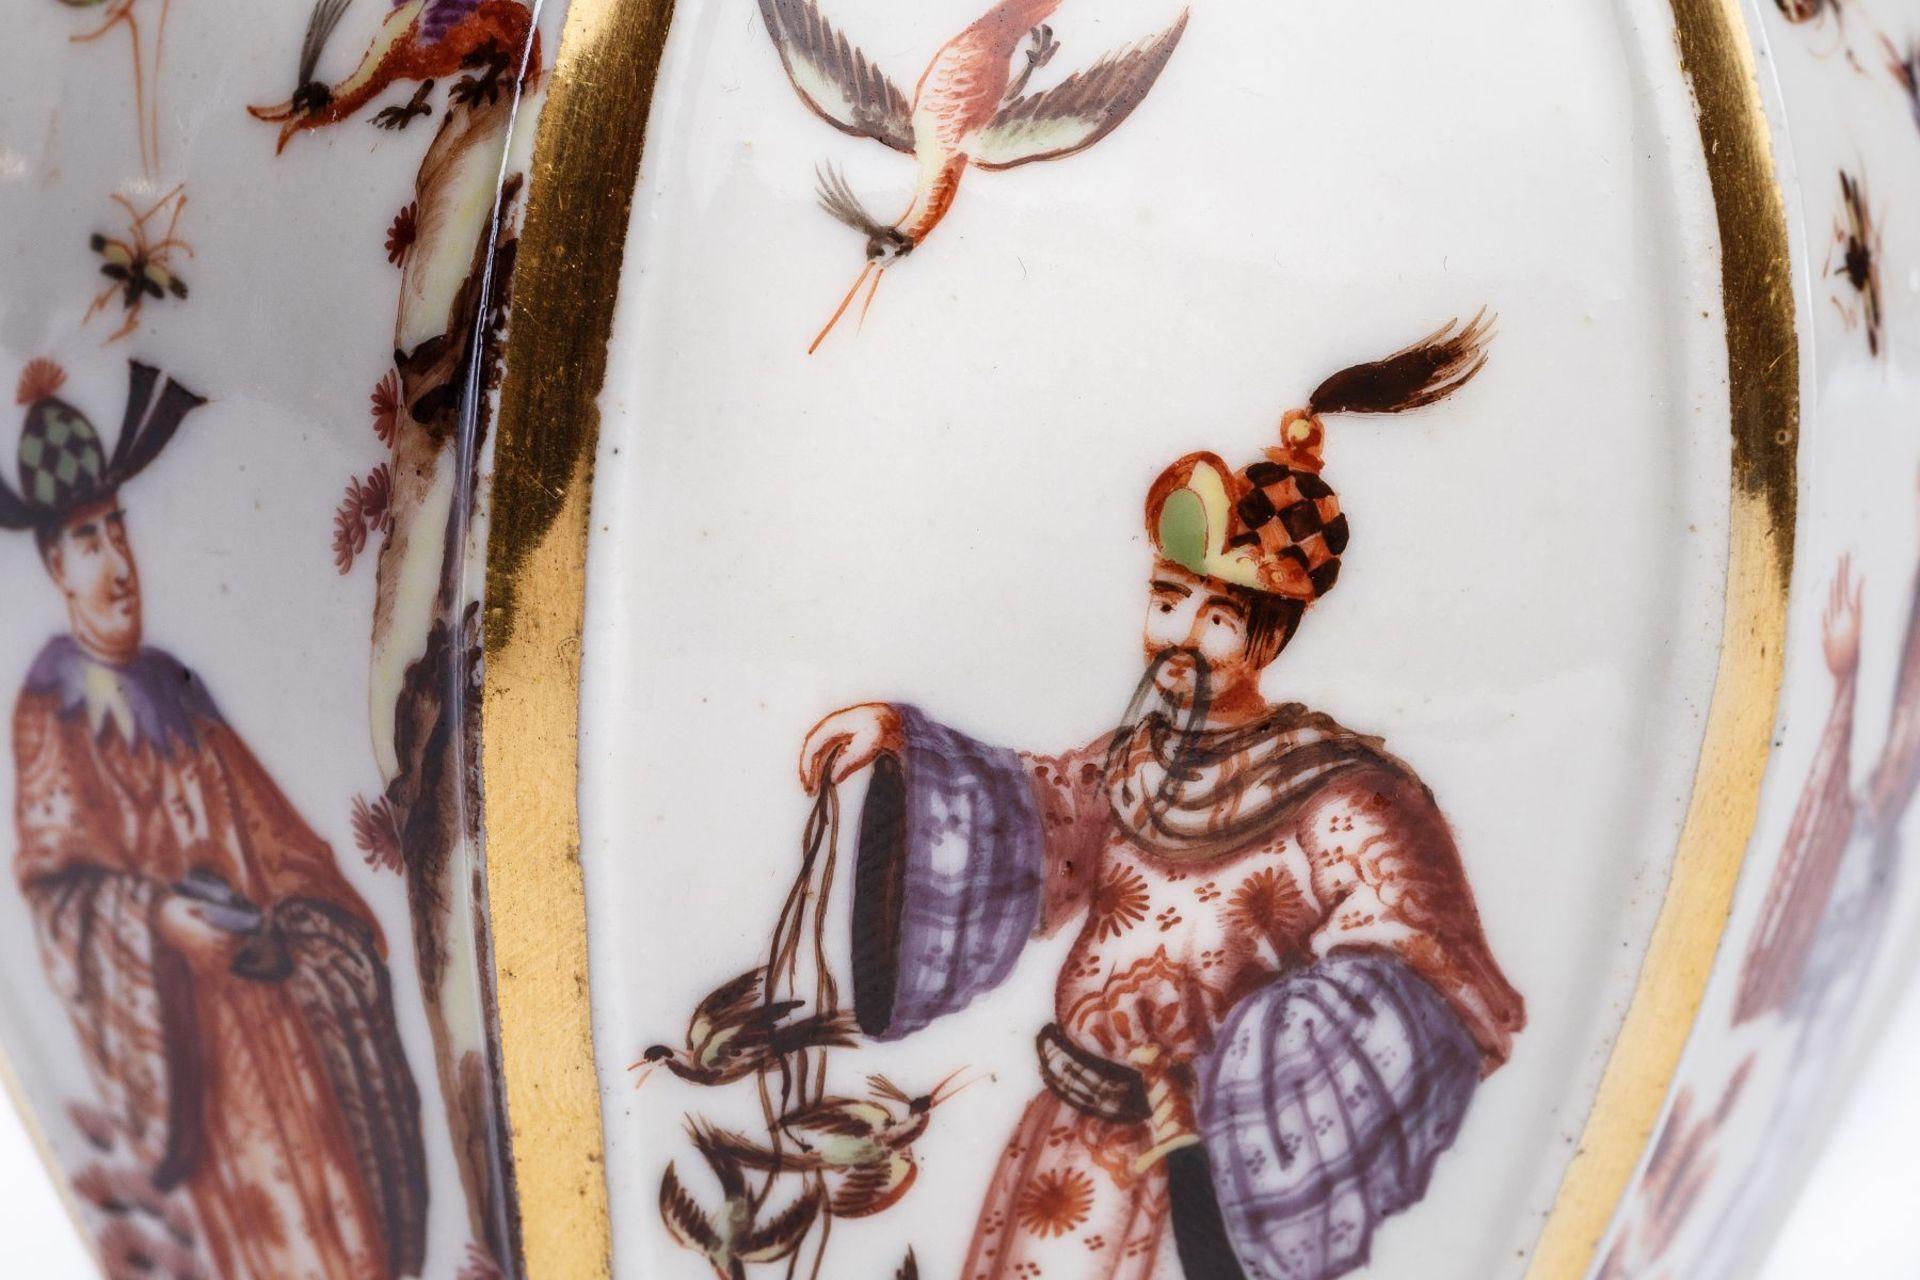 Teedose mit Chinoiserie Szenen, Meissen 1725/30 - Bild 2 aus 3